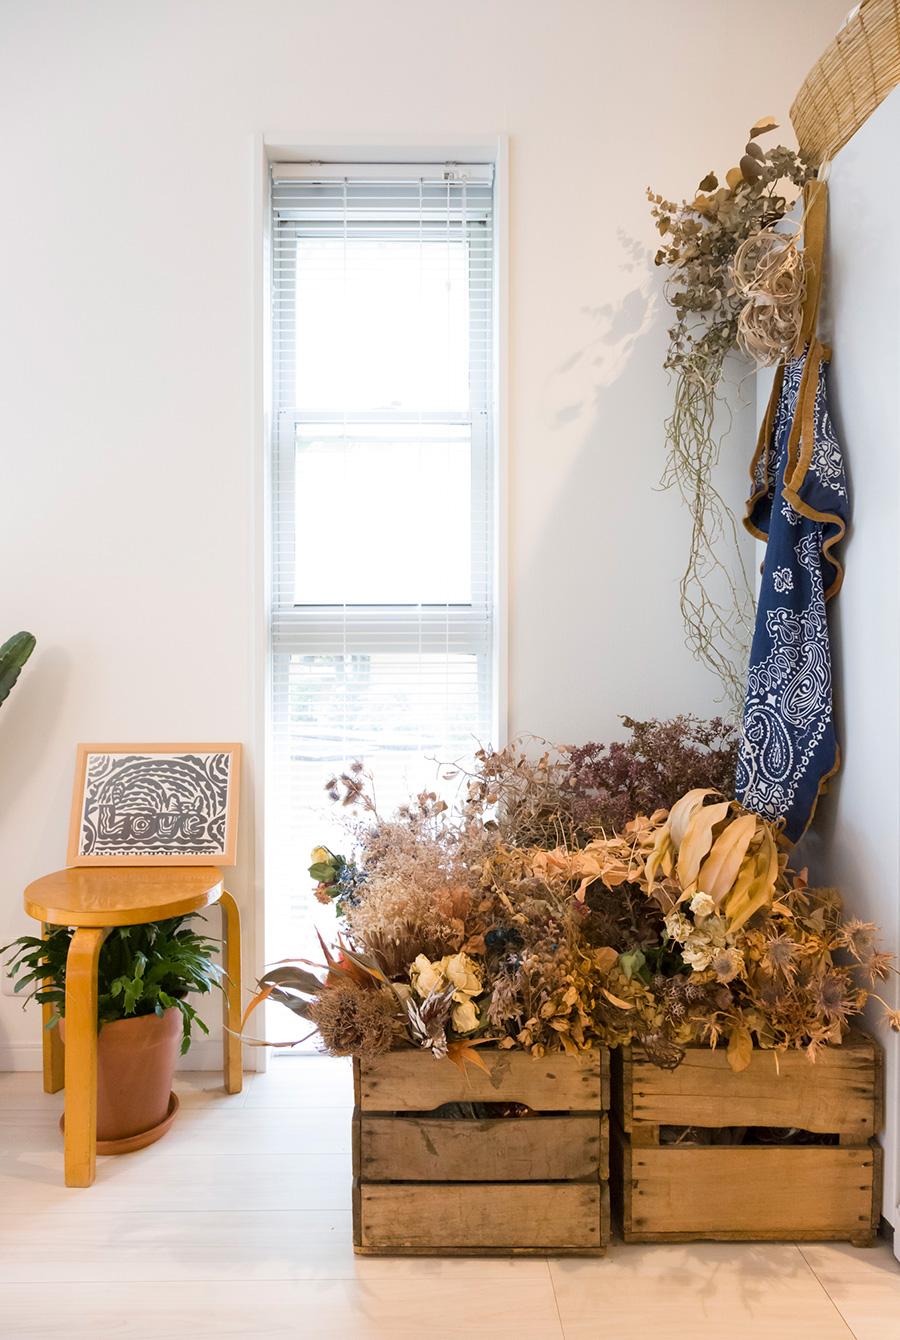 木箱にたっぷりとドライフラワーを入れて飾る。棚の上からも吊るして立体的に。